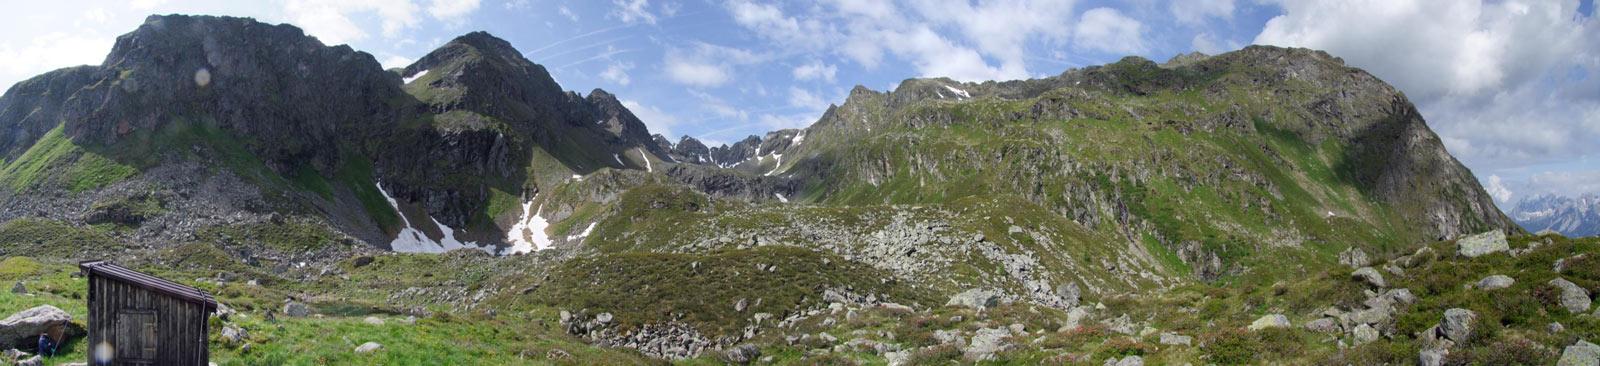 Foto: Datzi / Wandertour / Rundtour über die Wasserfallspitze (Biwak) Aufstieg Herzmaierkar - Abstieg Wildkar / Das Wildkarpanorama mit Blick vom Jagtstand bzw. Hütte / 18.06.2011 16:09:27